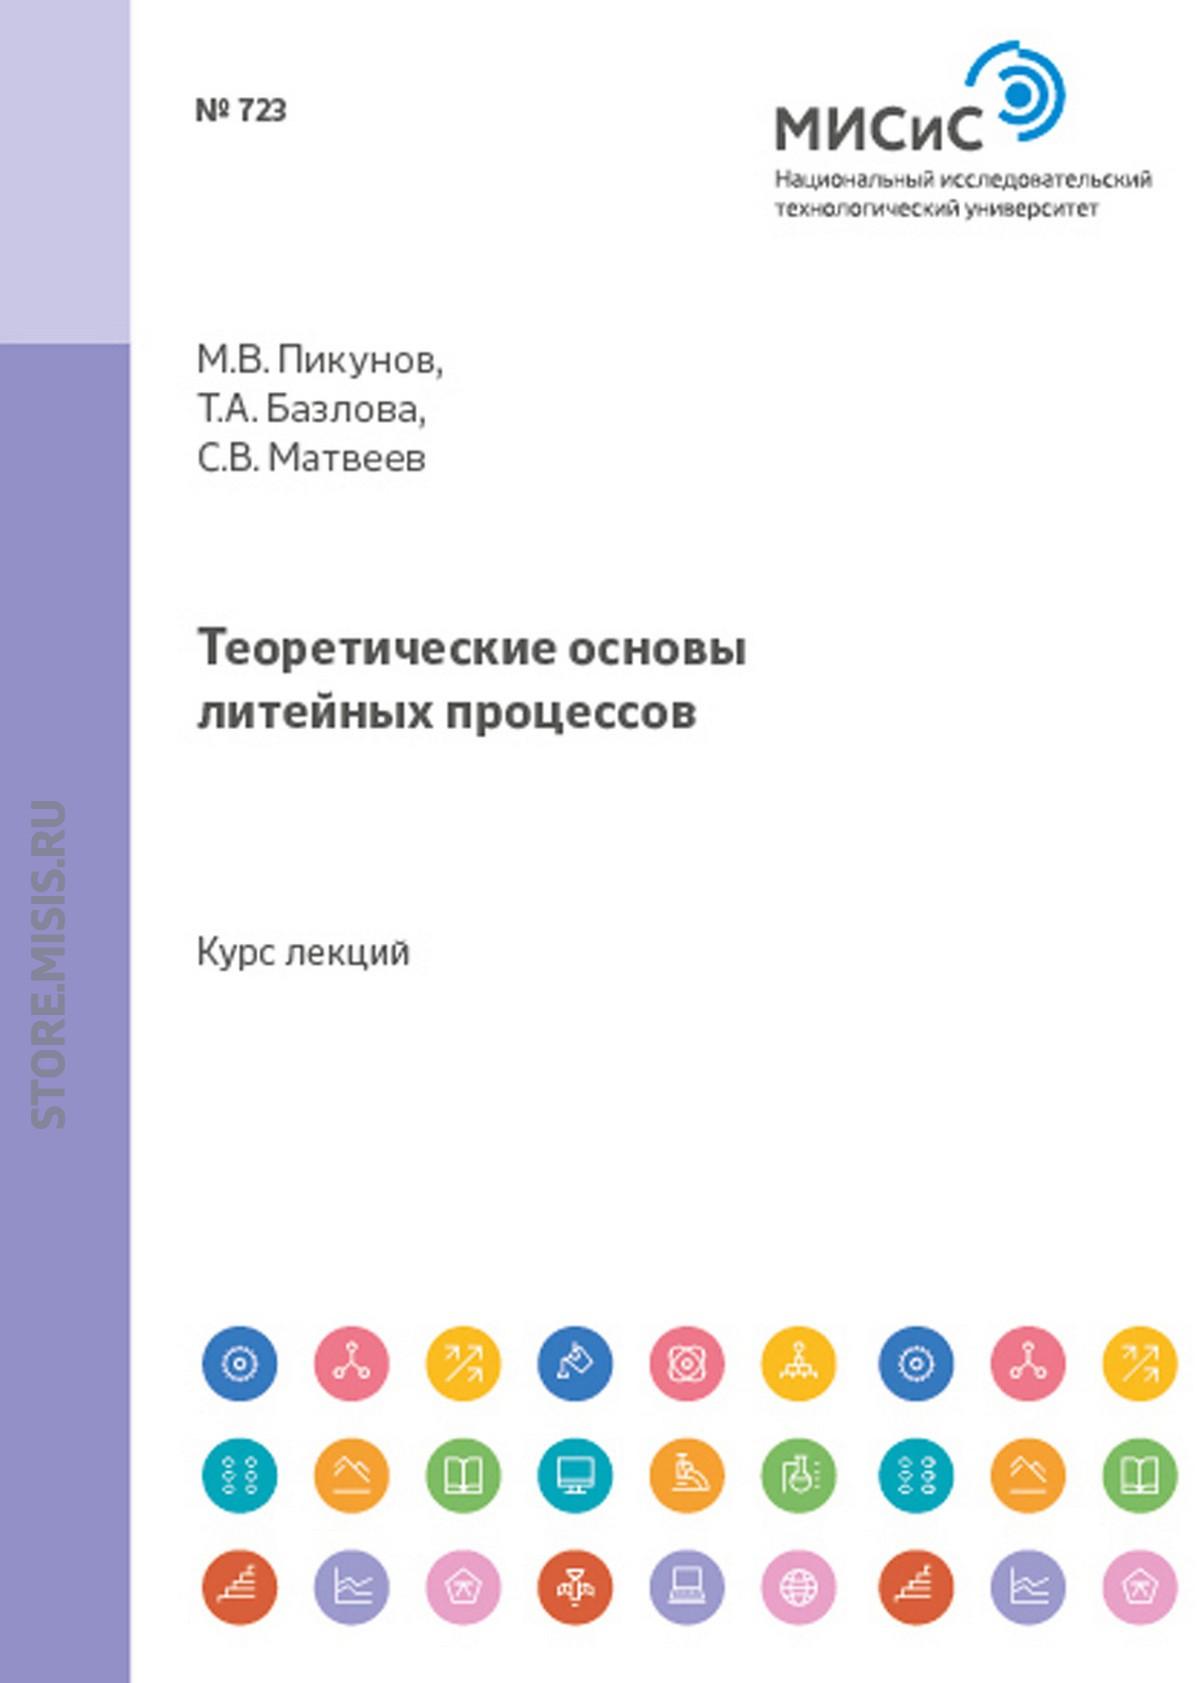 Сергей Владимирович Матвеев Теоретические основы литейных процессов а а любомудров теоретические основы физических процессов ядерного взрыва